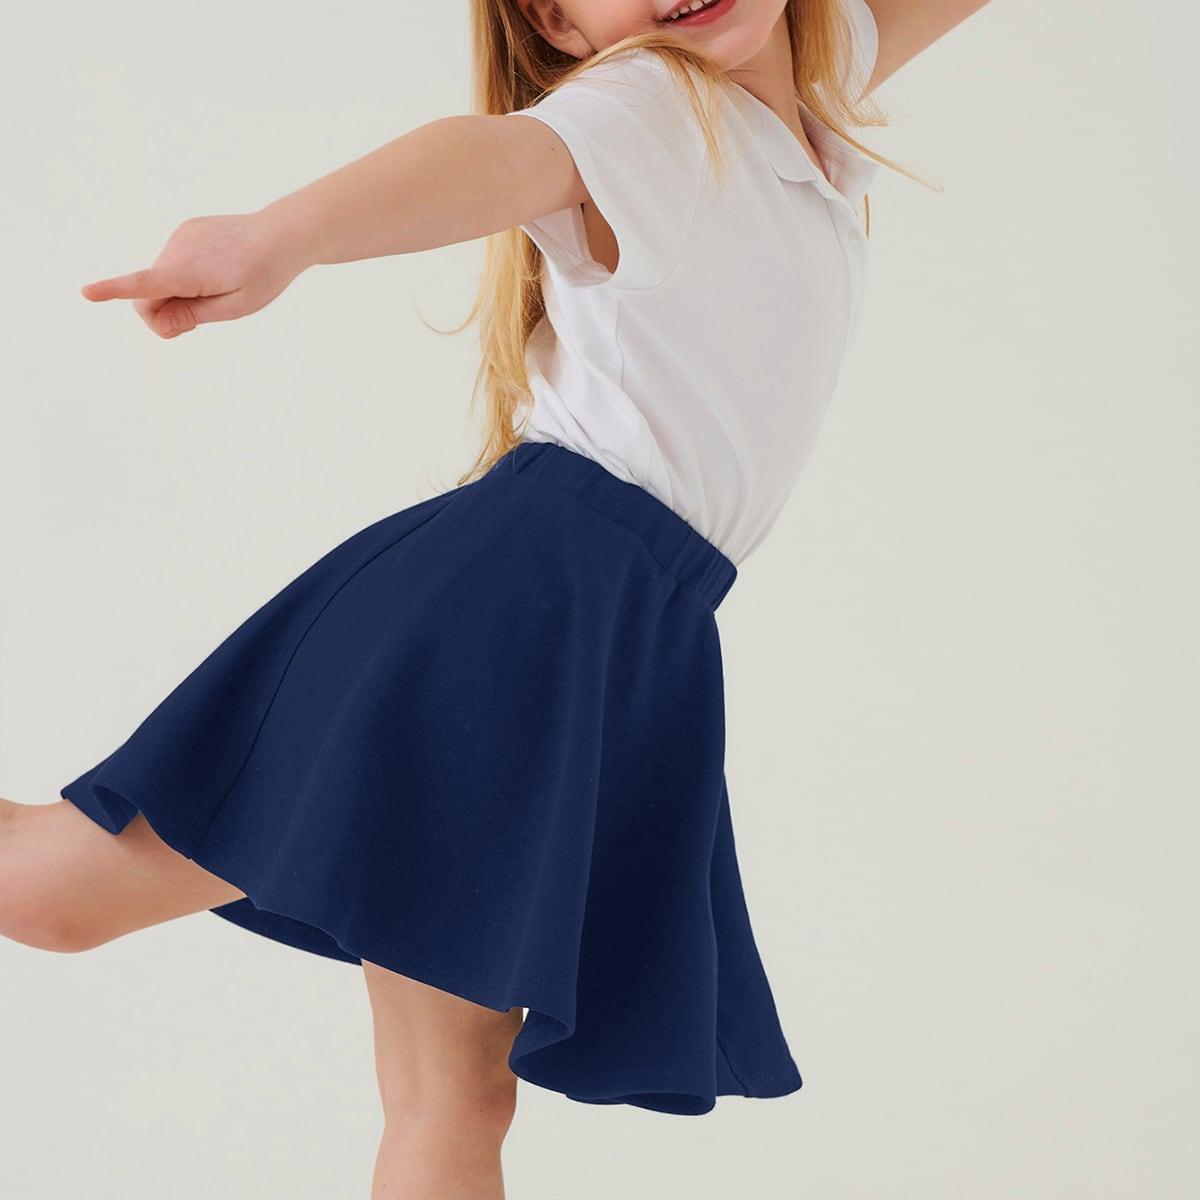 Toddler Girls Solid Elastic Waist Skirt